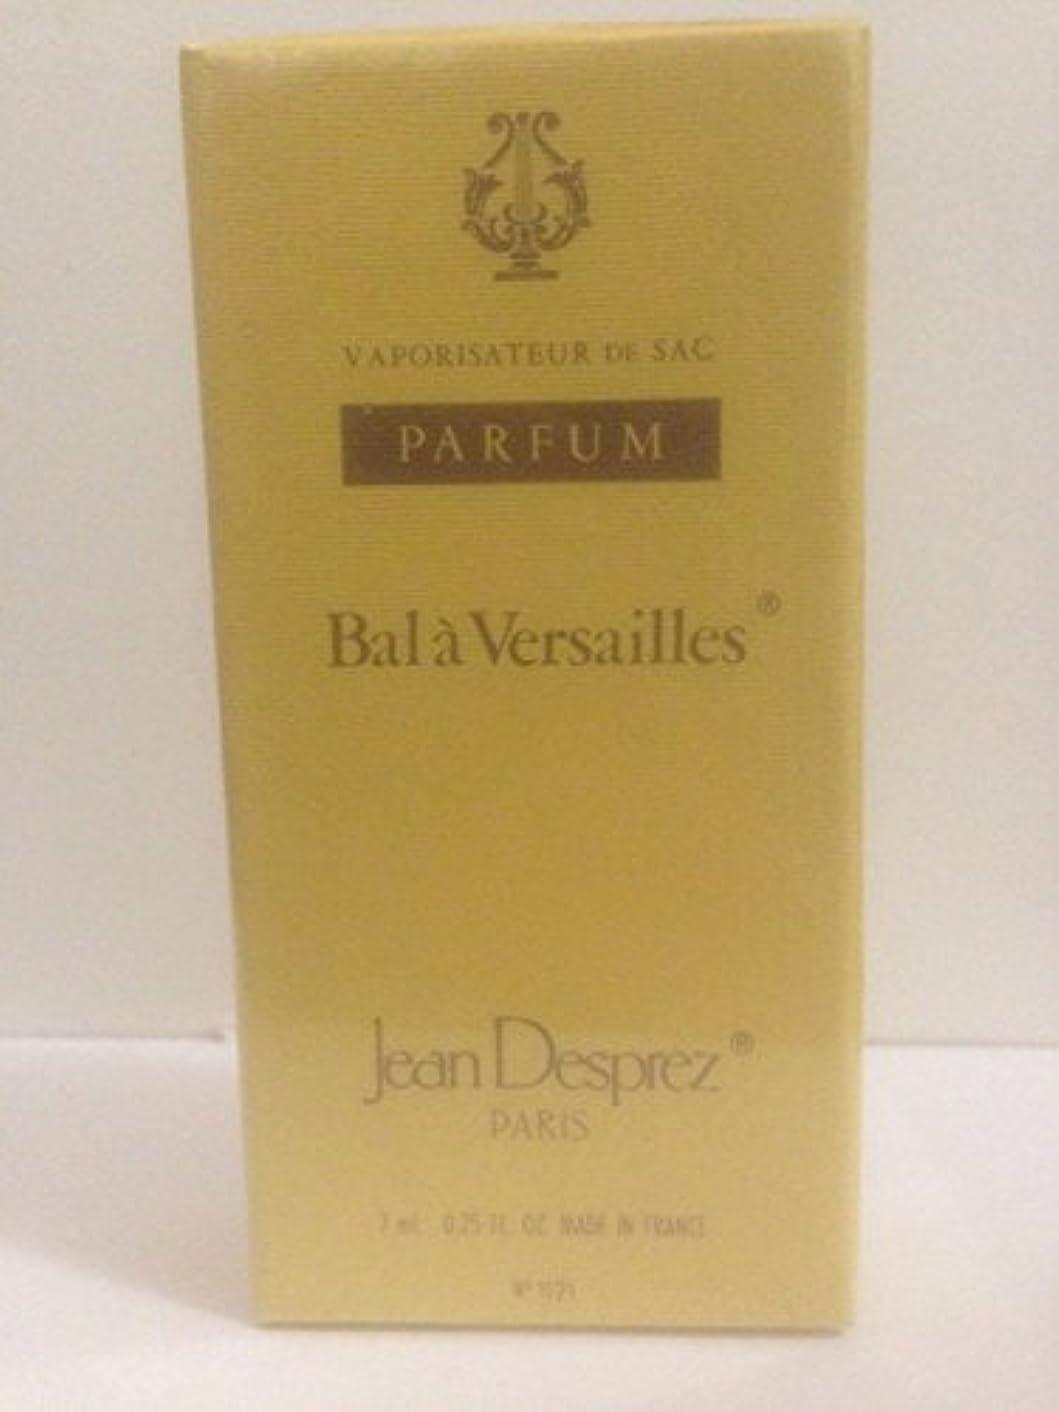 スピリチュアルブラシアリスBal A Versailles (バラ ベルサイユ) 0.25 oz (7ml) Deluxe Parfum (純粋香水) by Jean Desprez for Women